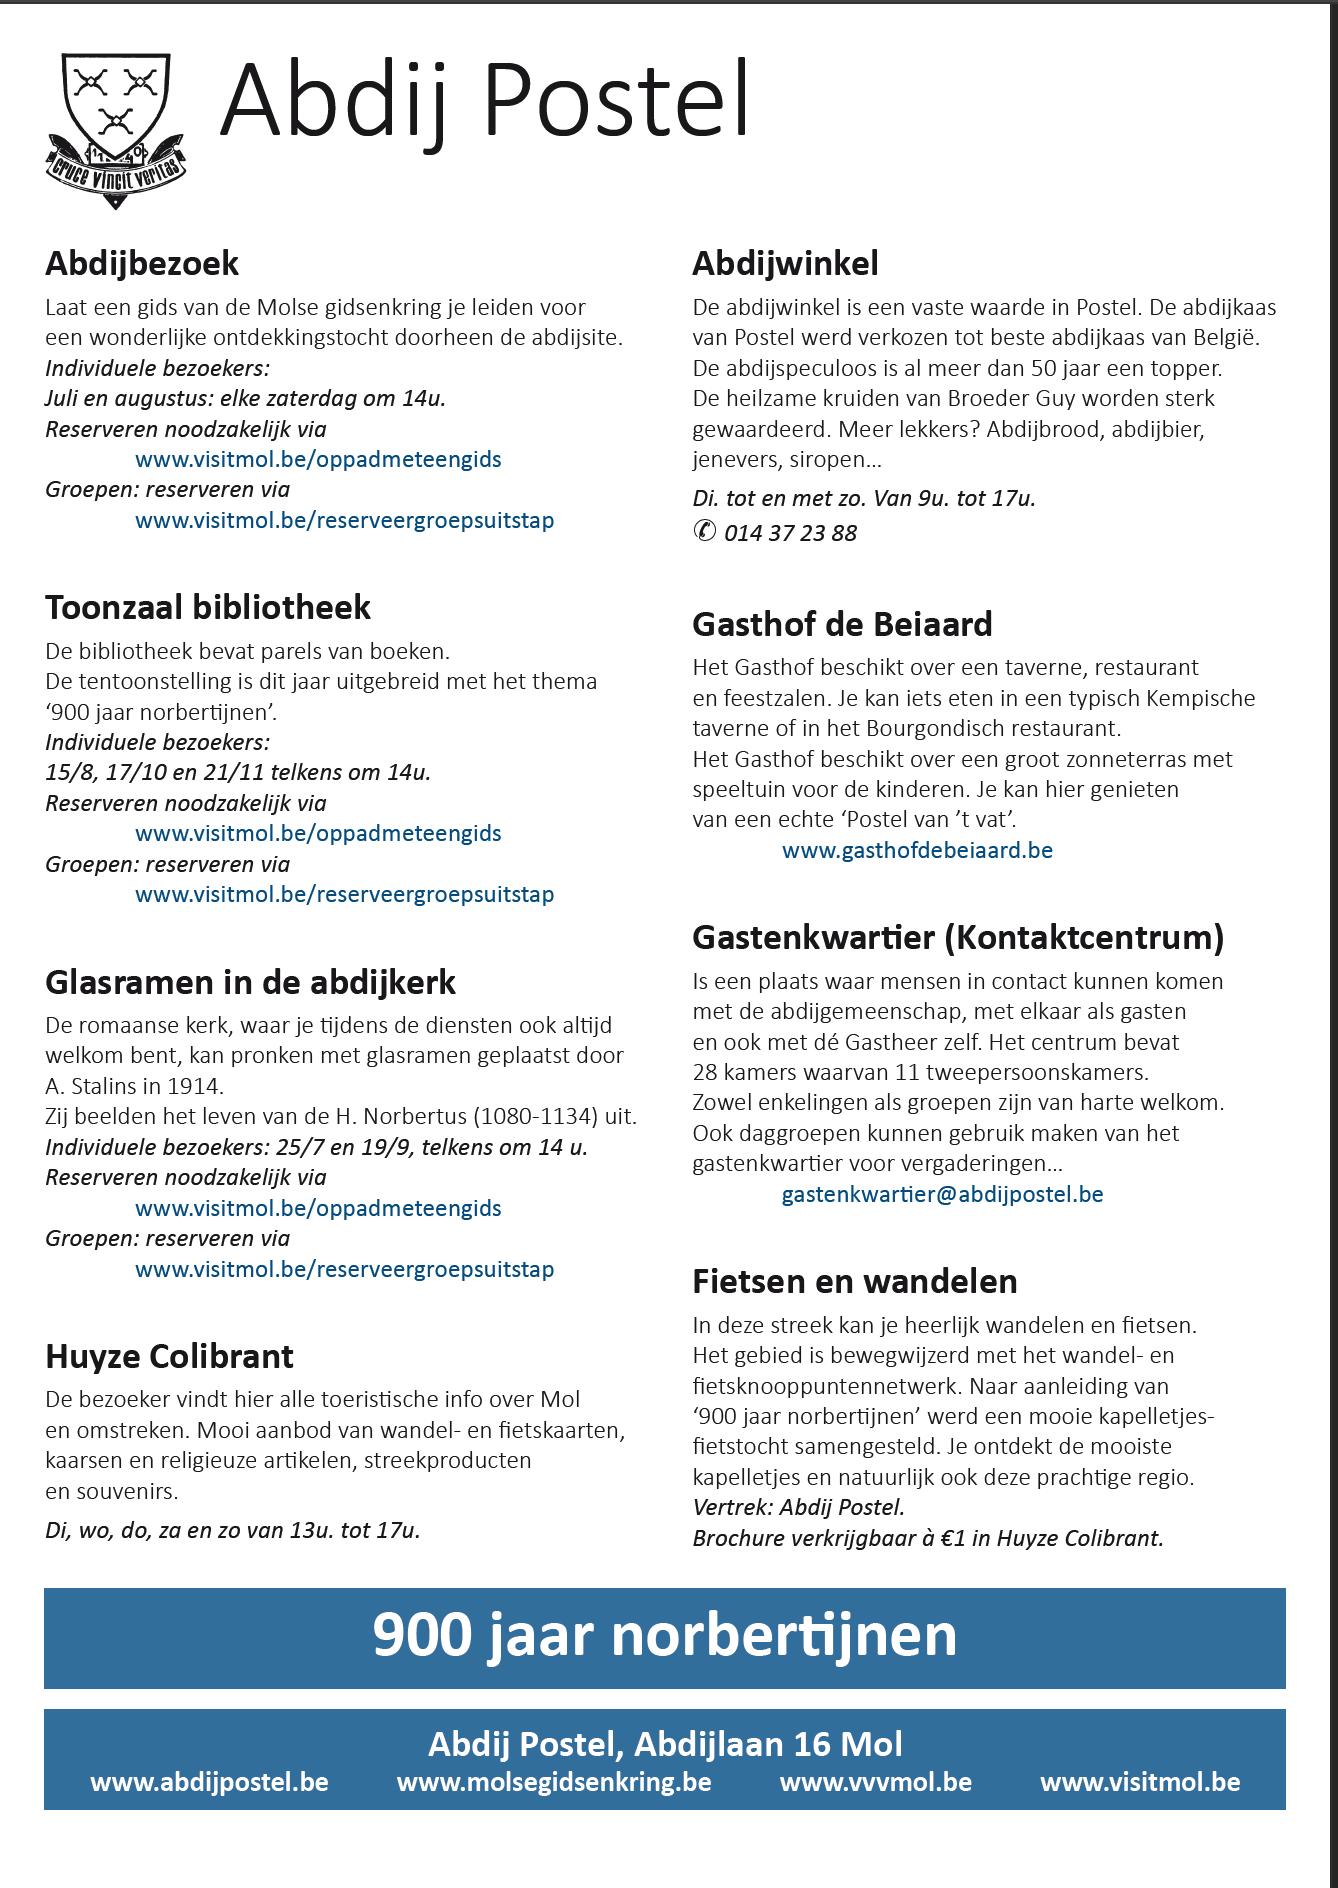 900 jaar Norbertijnen - flyer pagina 2